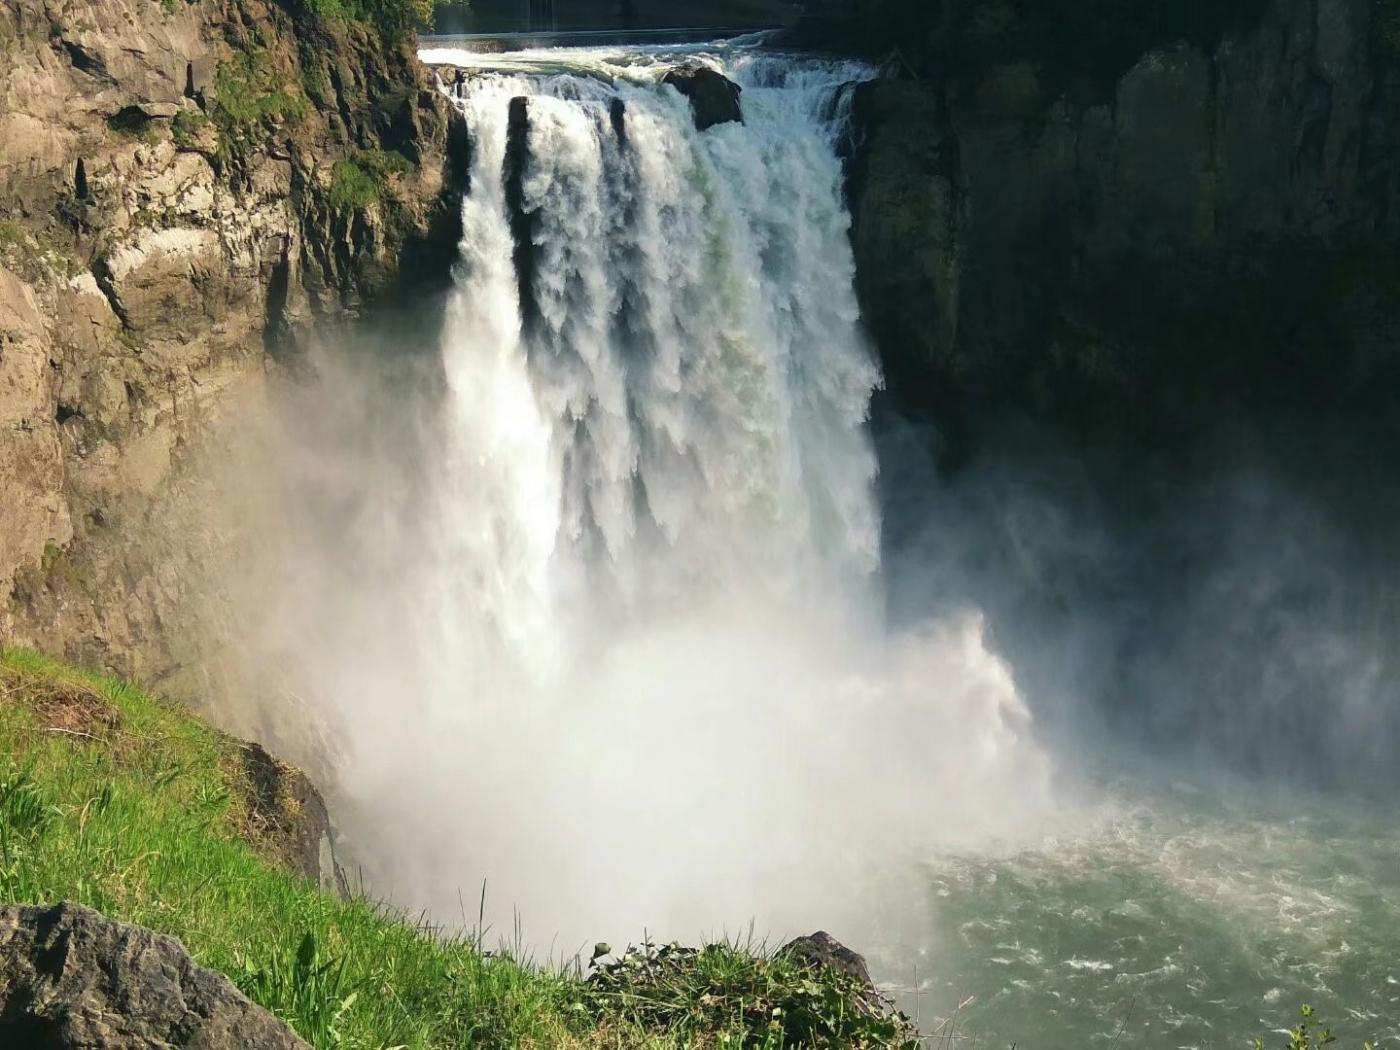 再访斯诺夸尔米瀑布(图)_图1-22